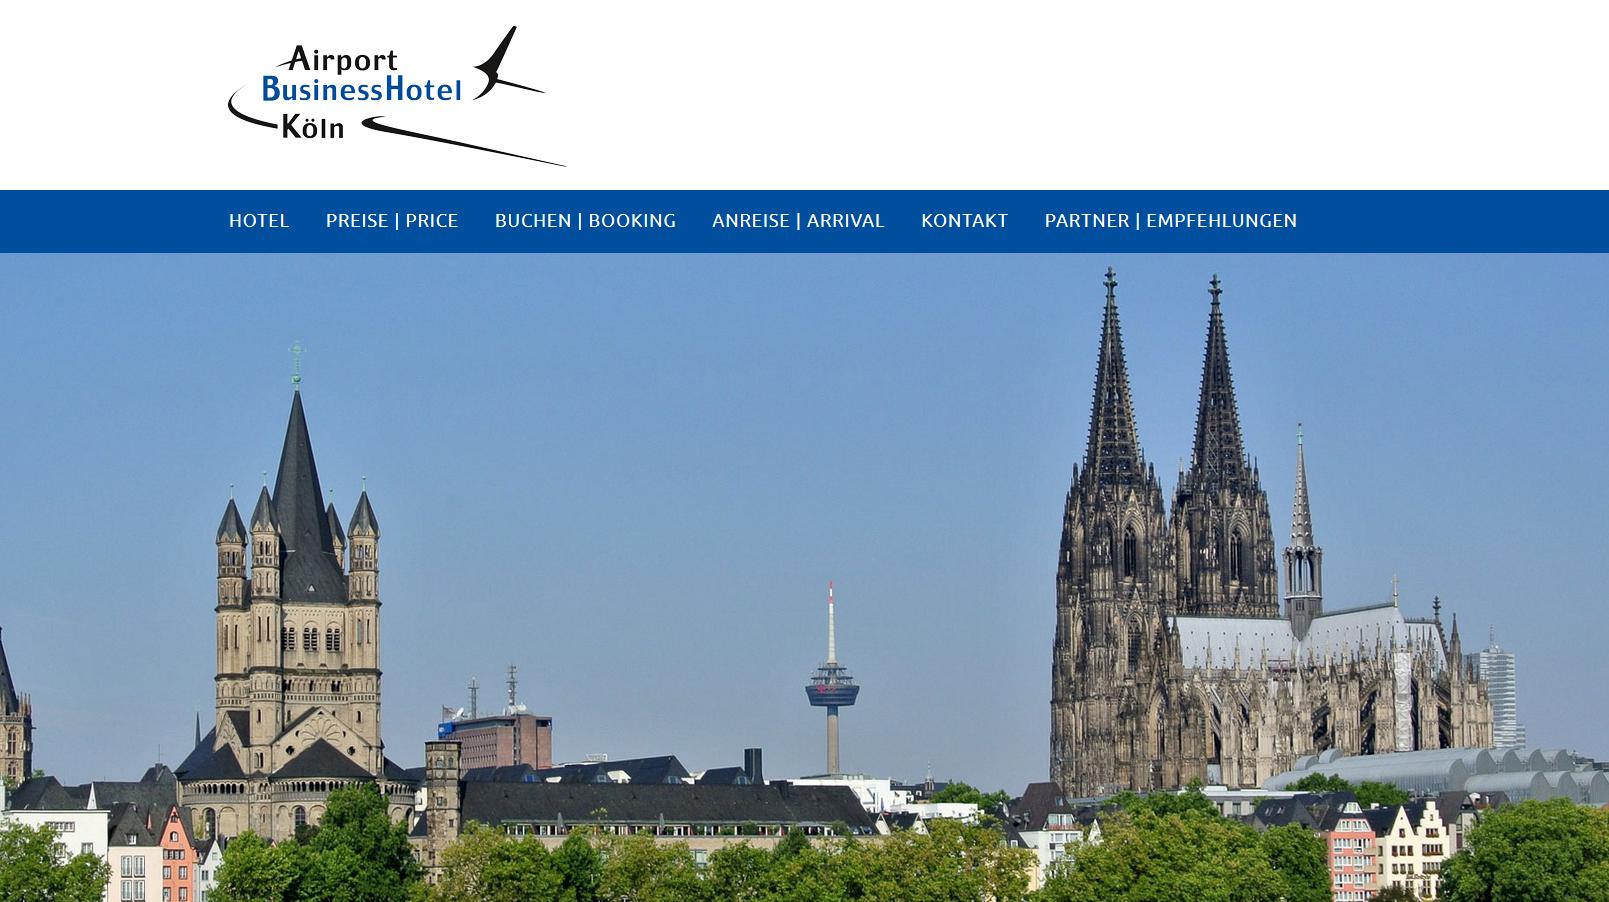 Airport Businesshotel Köln